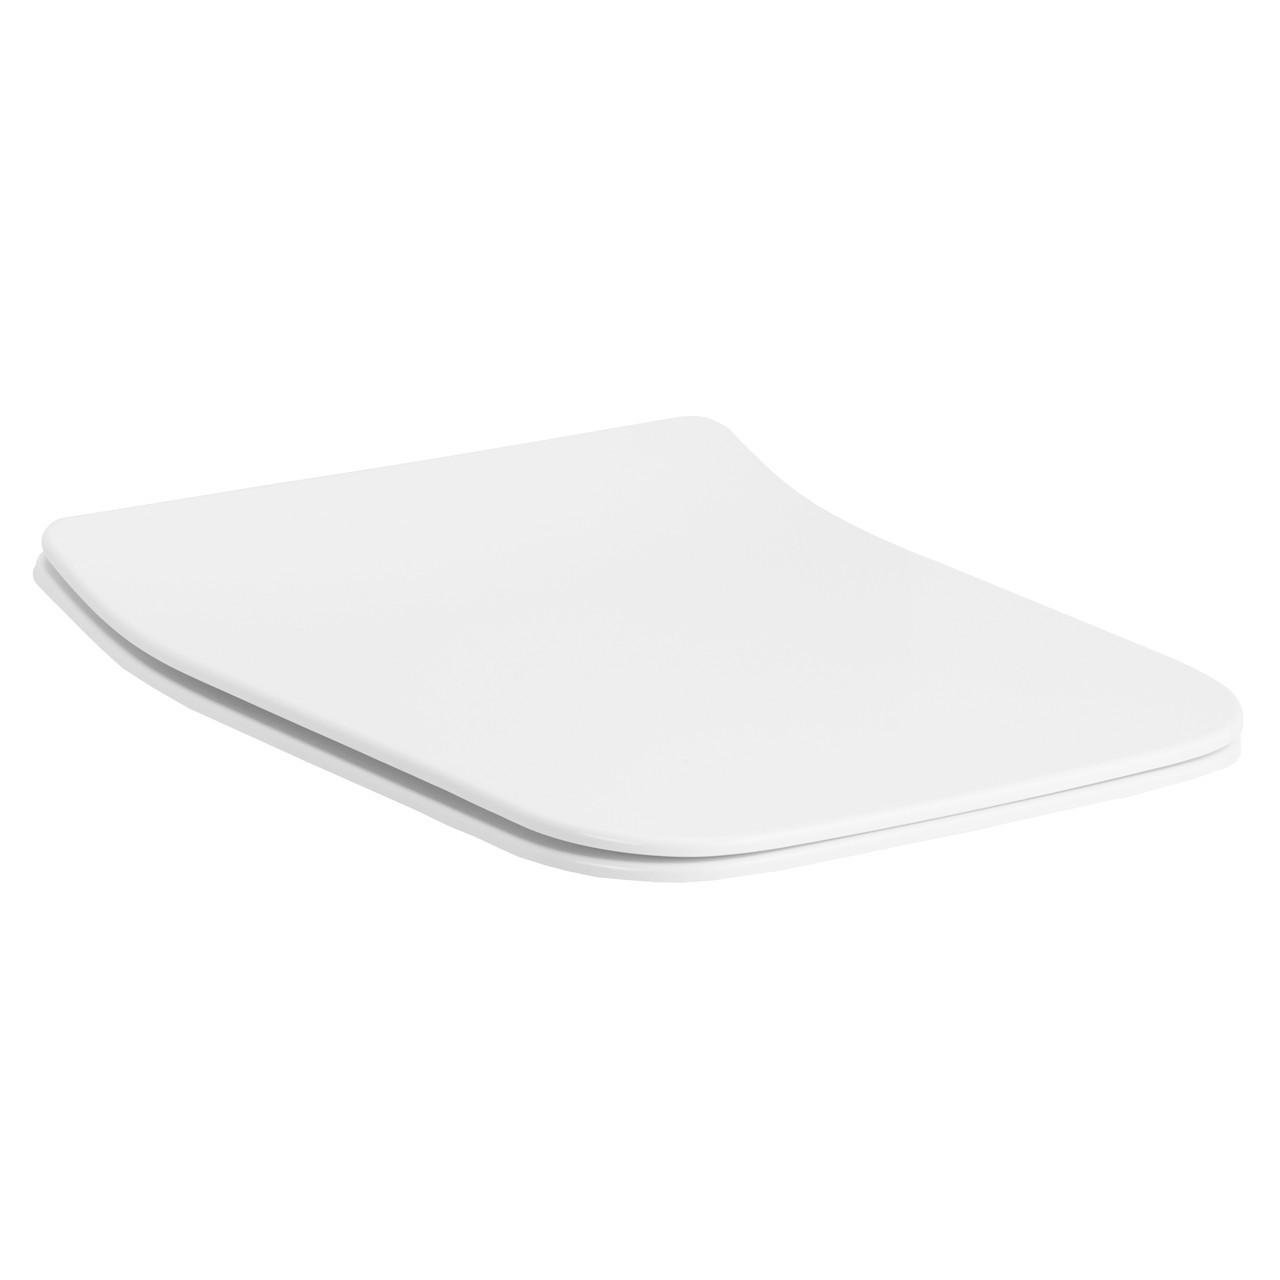 Сиденье для унитаза Slim slow-closing Volle Leon 13-11-162 белый